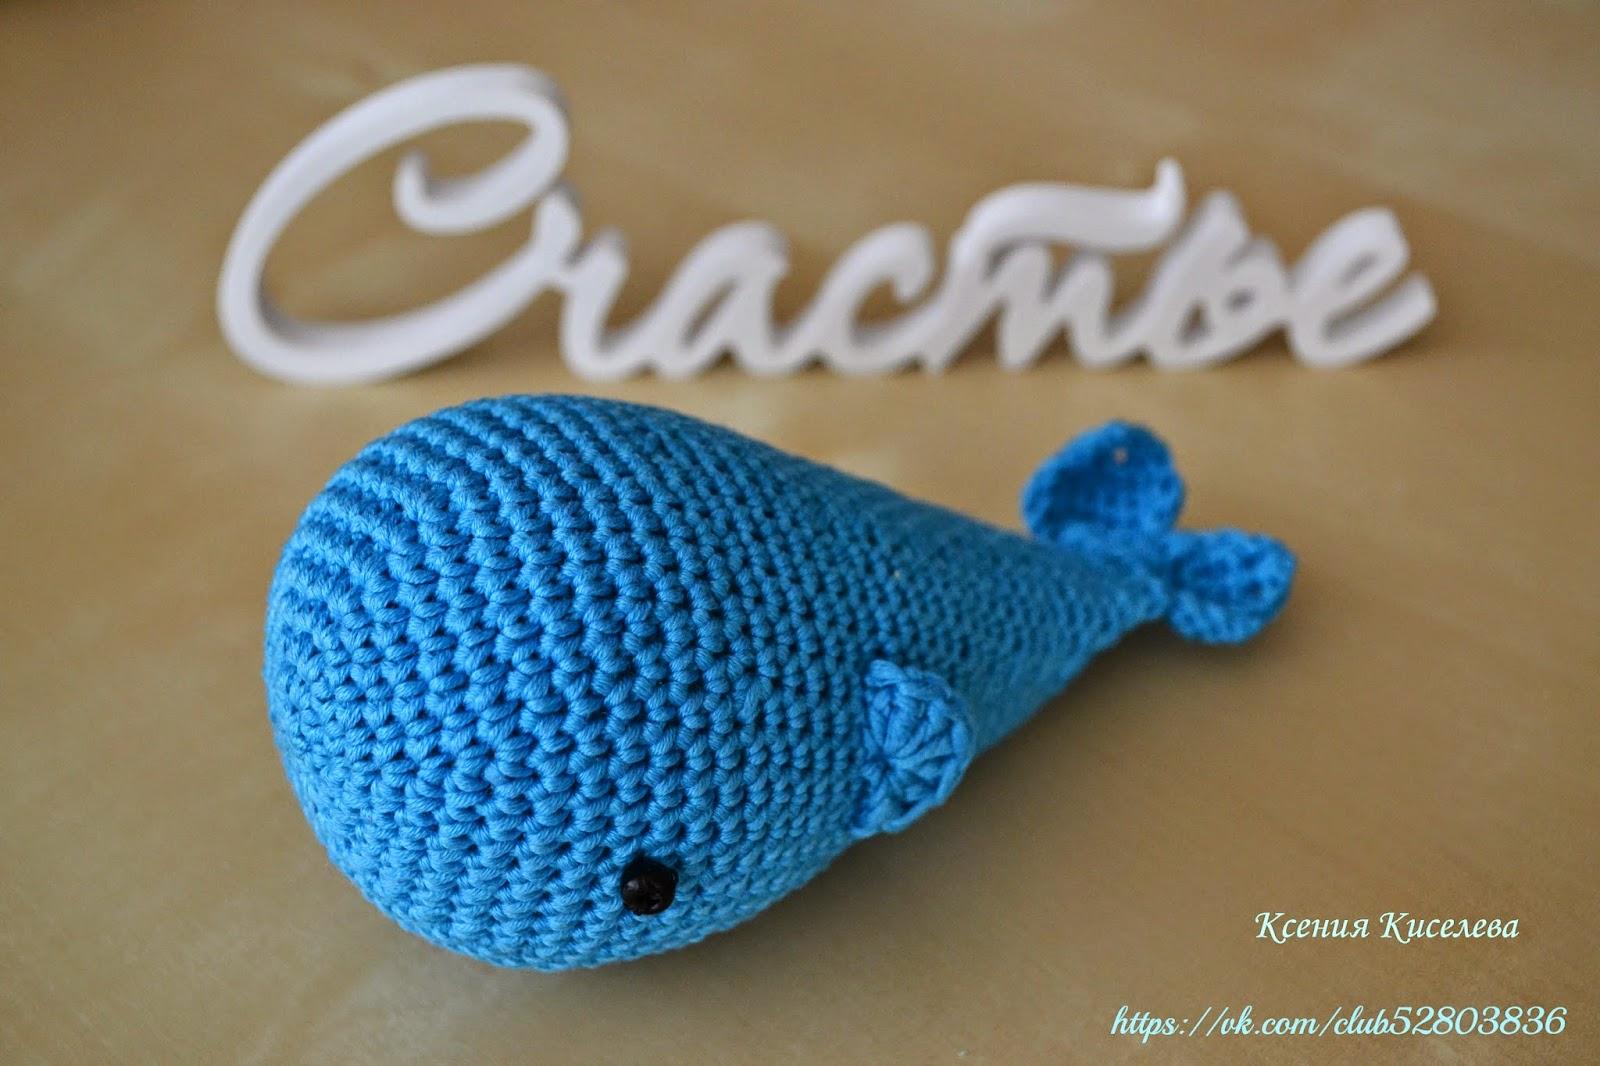 кит,китенок,голубой,игрушка,вязаная игрушка